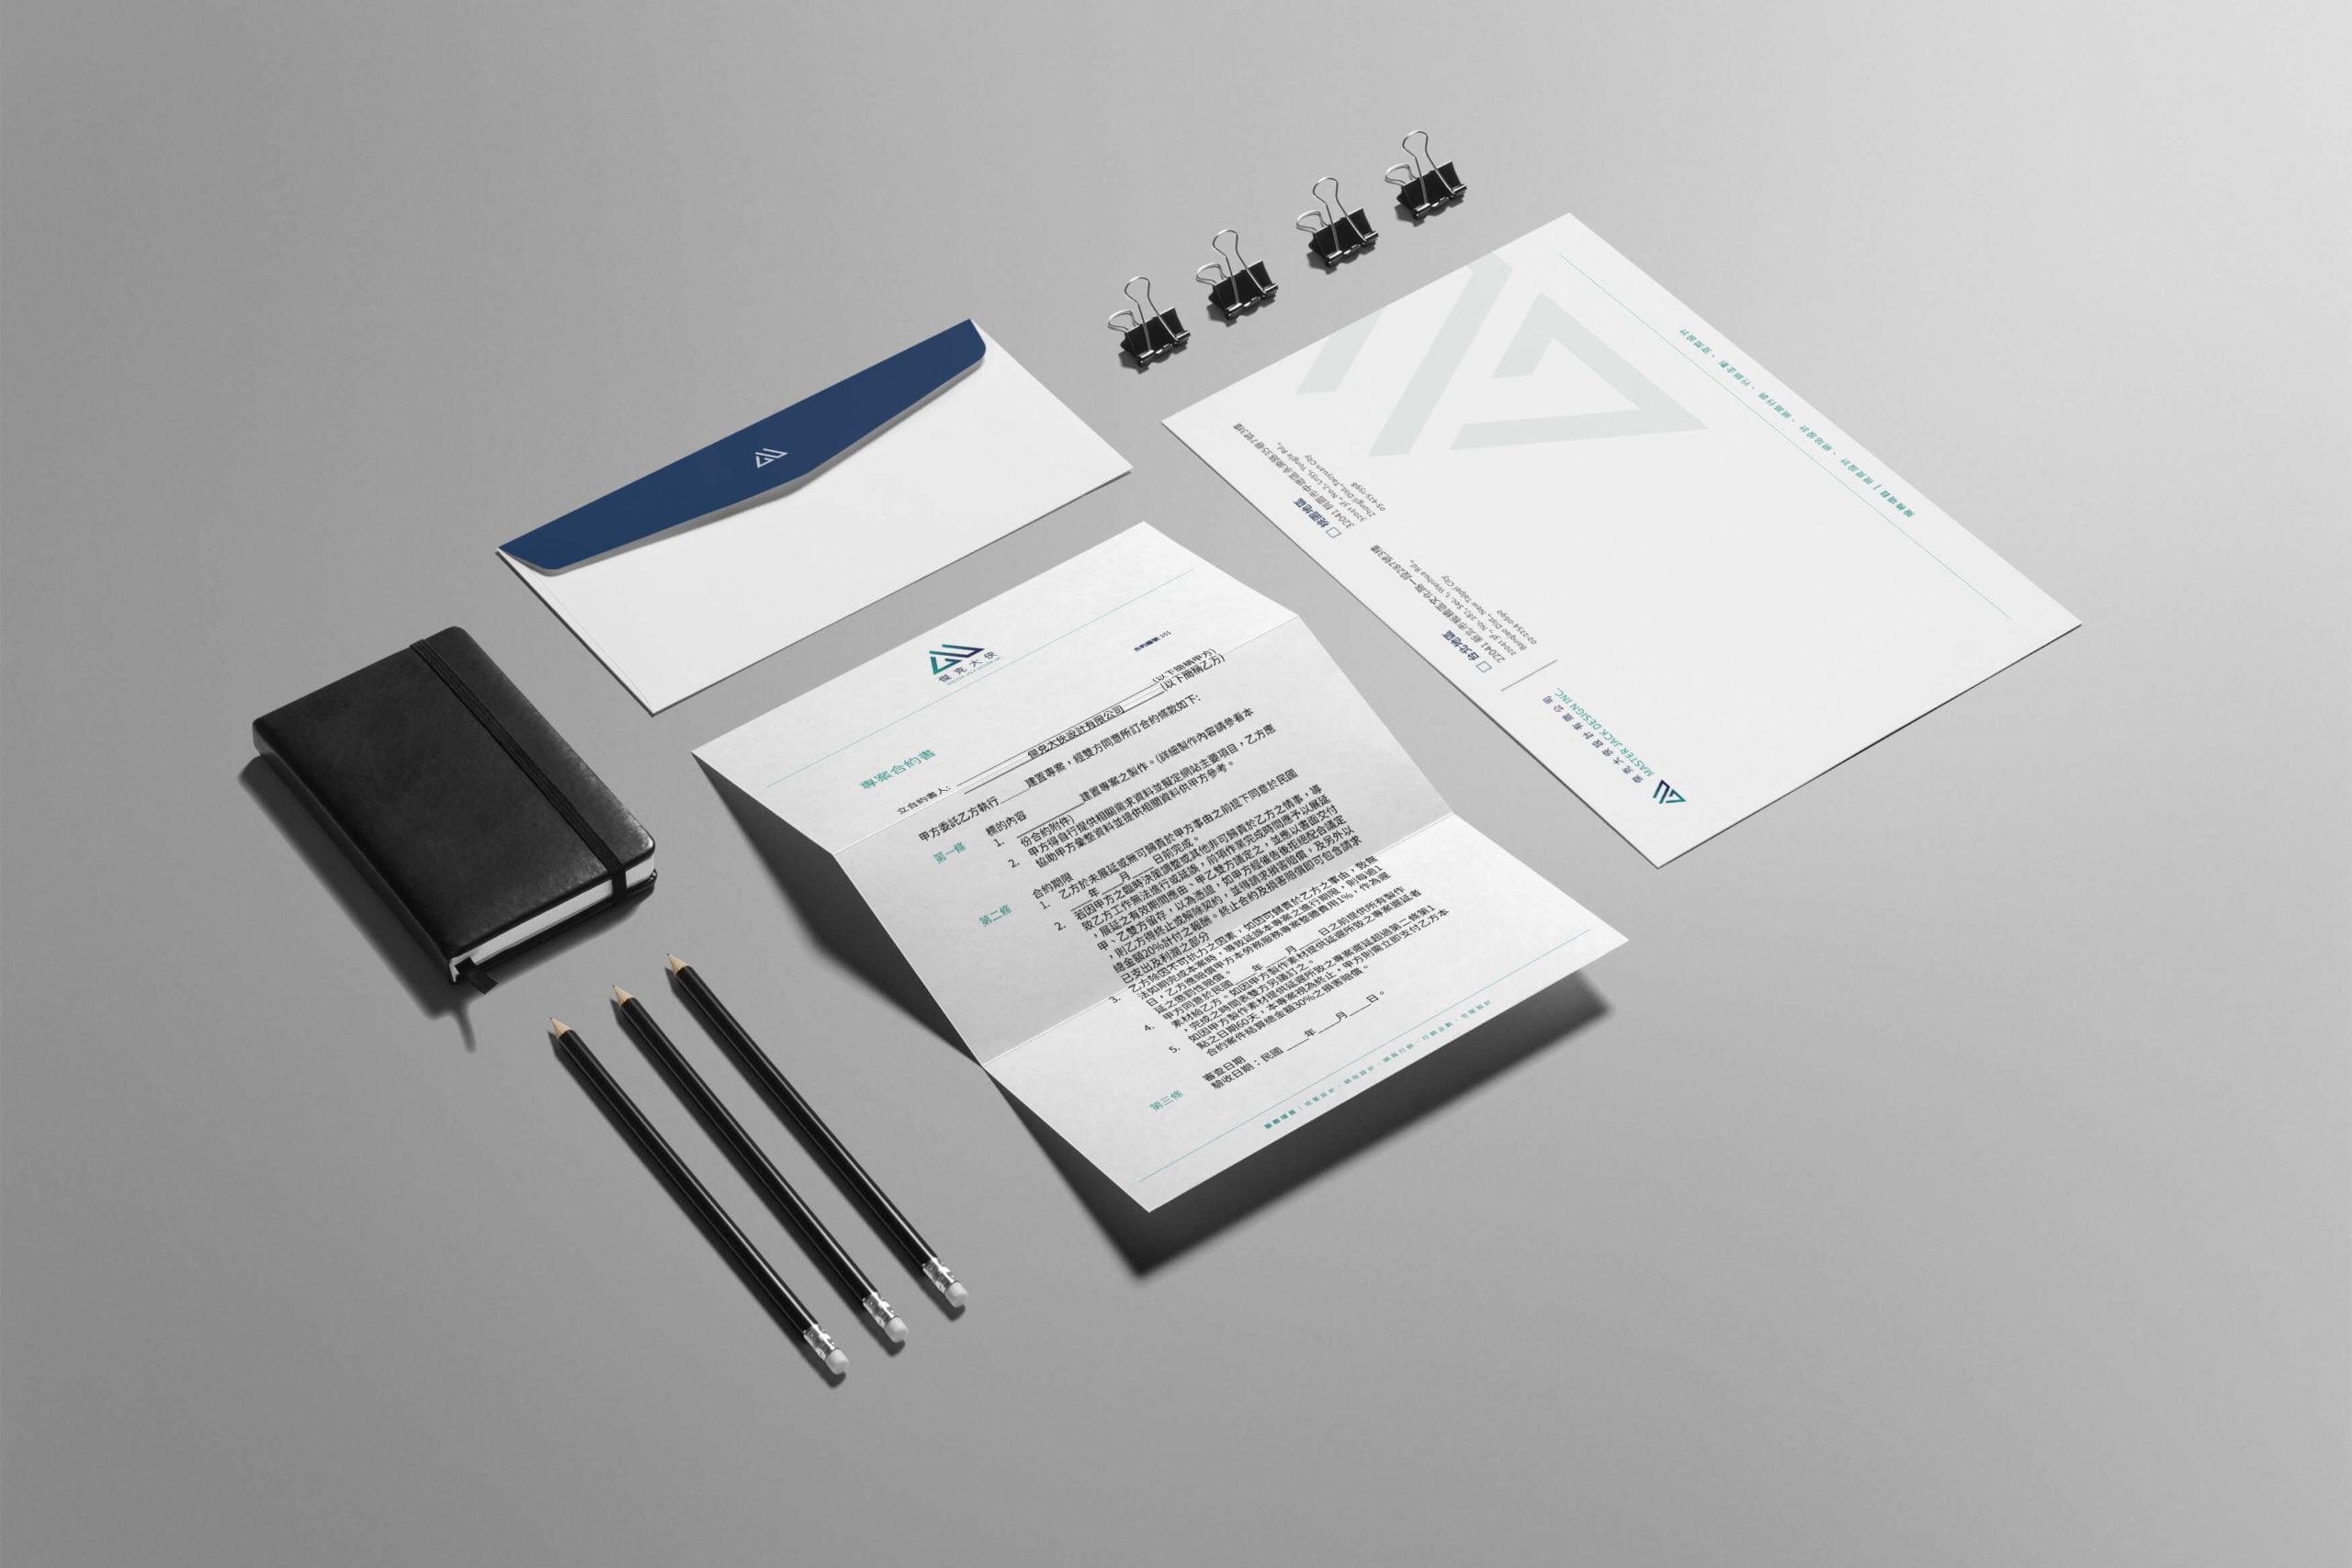 品牌CIS設計   傑克大俠平面設計   設計作品   包裝設計